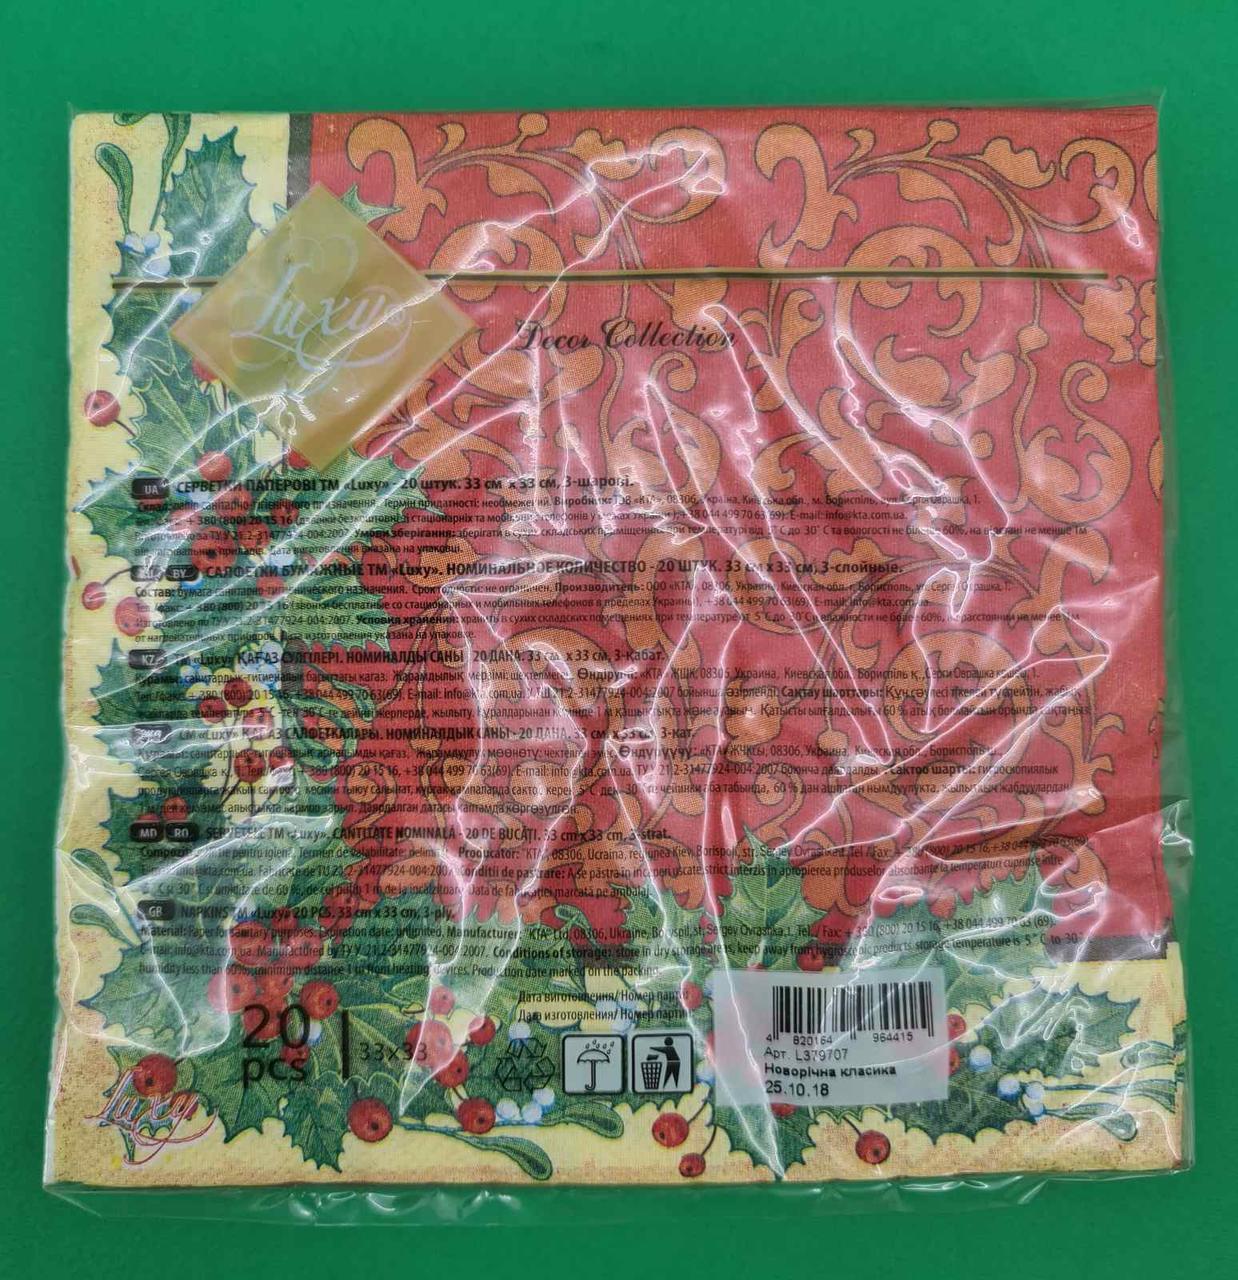 Салфетки бумажные ЗЗхЗЗ 20шт Luxy Новогодняя классика (1 пач)